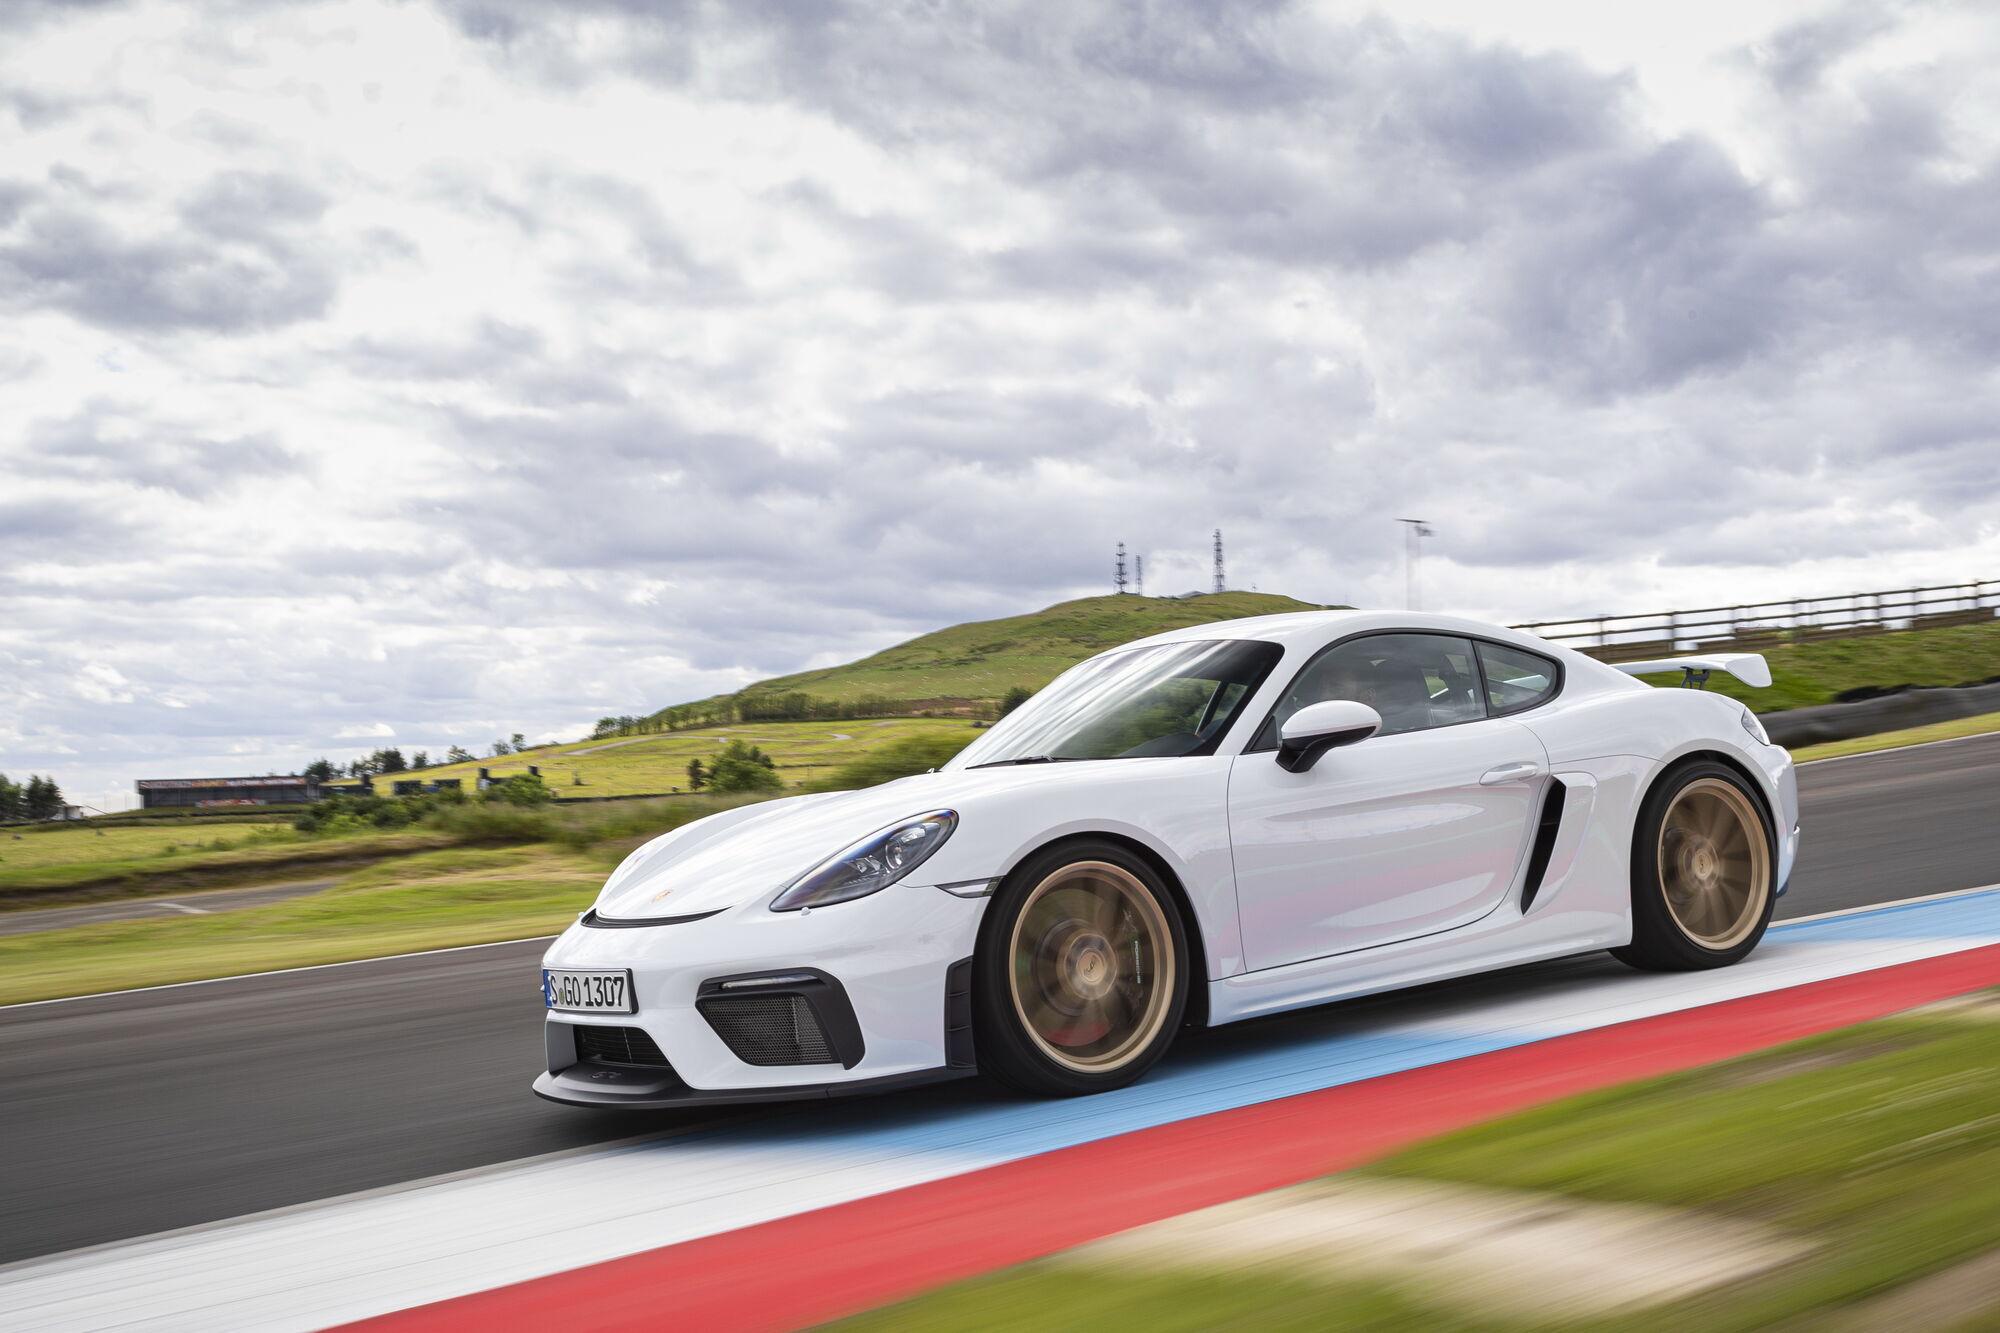 """Cayman GT4 може розігнатися до 304 км/год, а розгін до першої """"сотні"""" займає 4,4 с."""